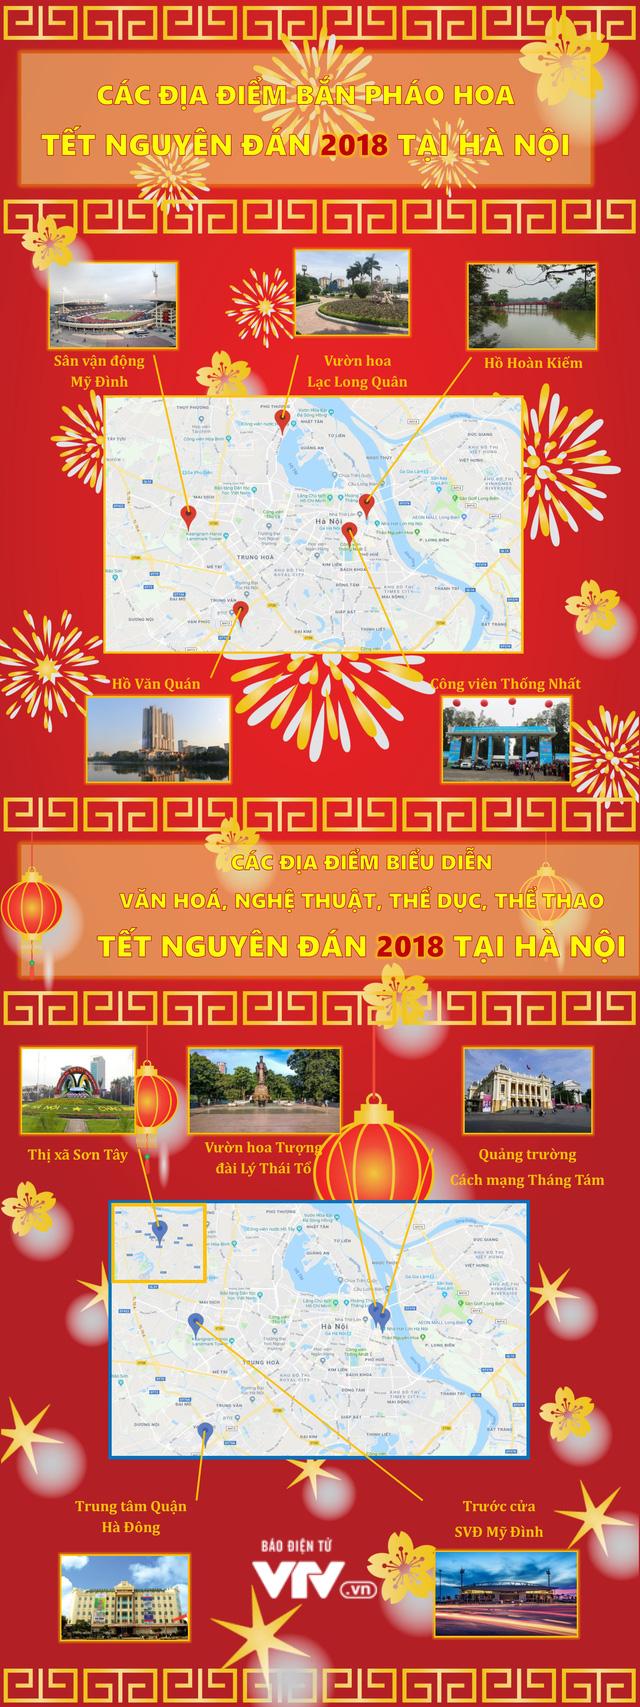 [Infographic] Các địa điểm dự kiến bắn pháo hoa, biểu diễn nghệ thuật giao thừa Tết Nguyên đán 2018 - Ảnh 1.